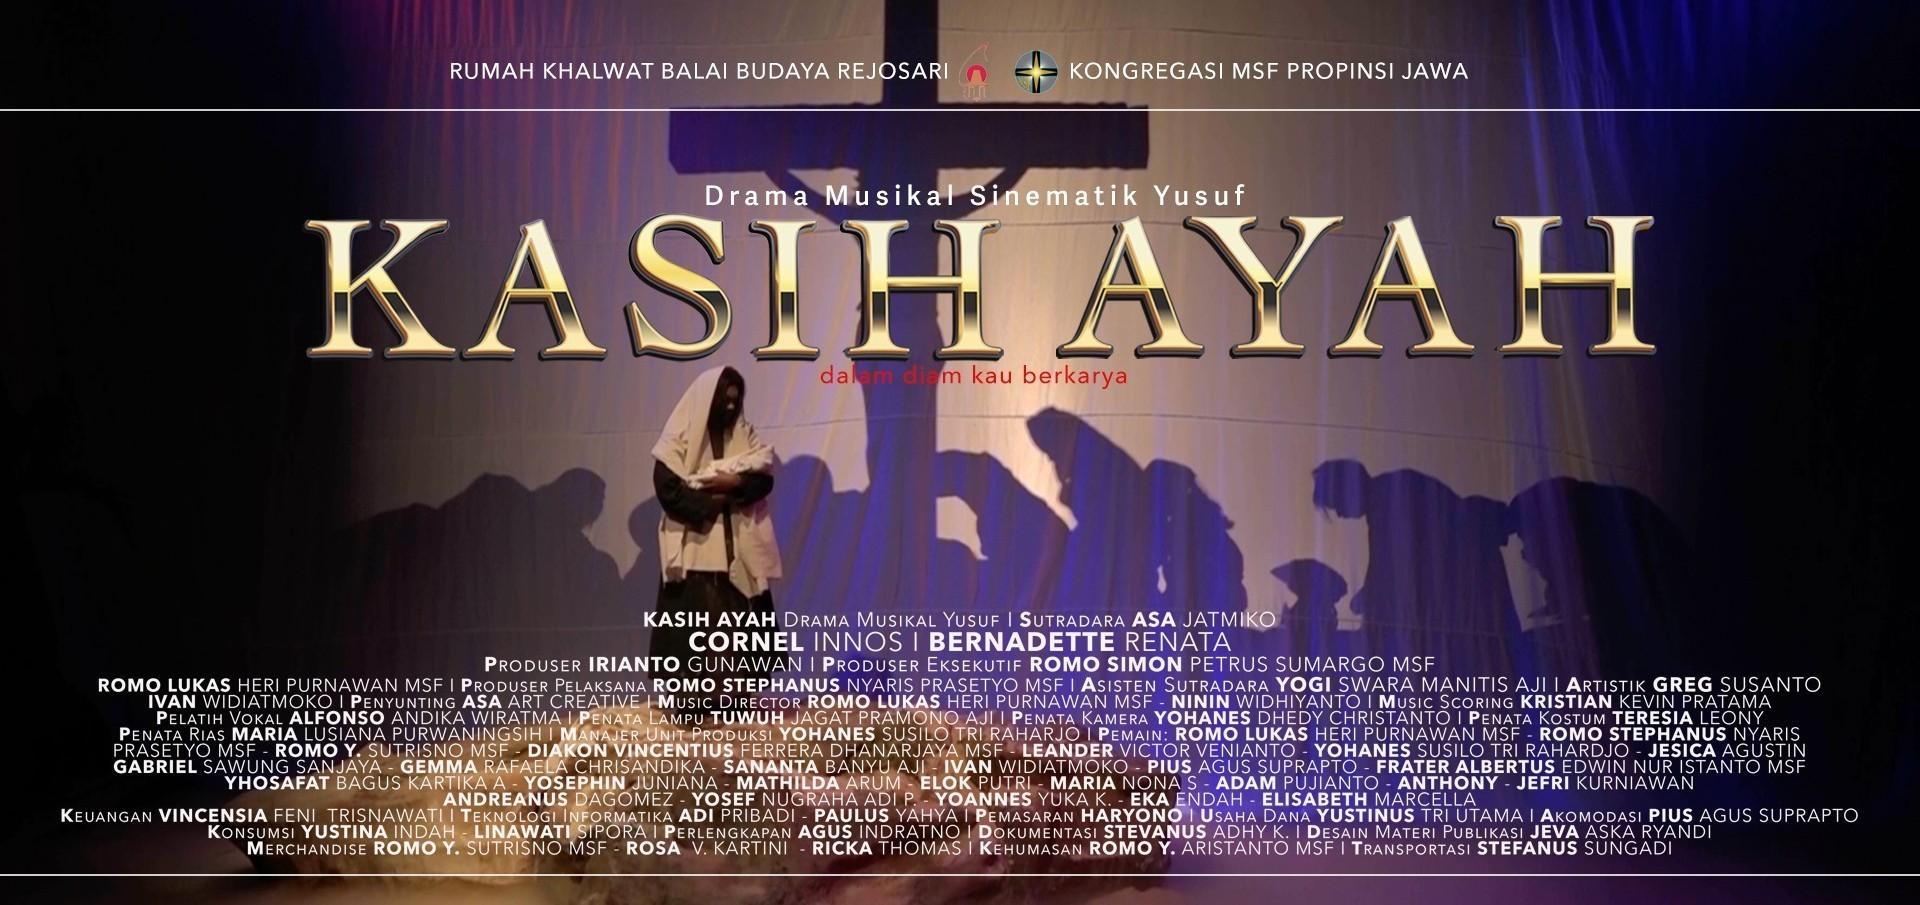 KASIH AYAH - Drama Musikal Sinematik